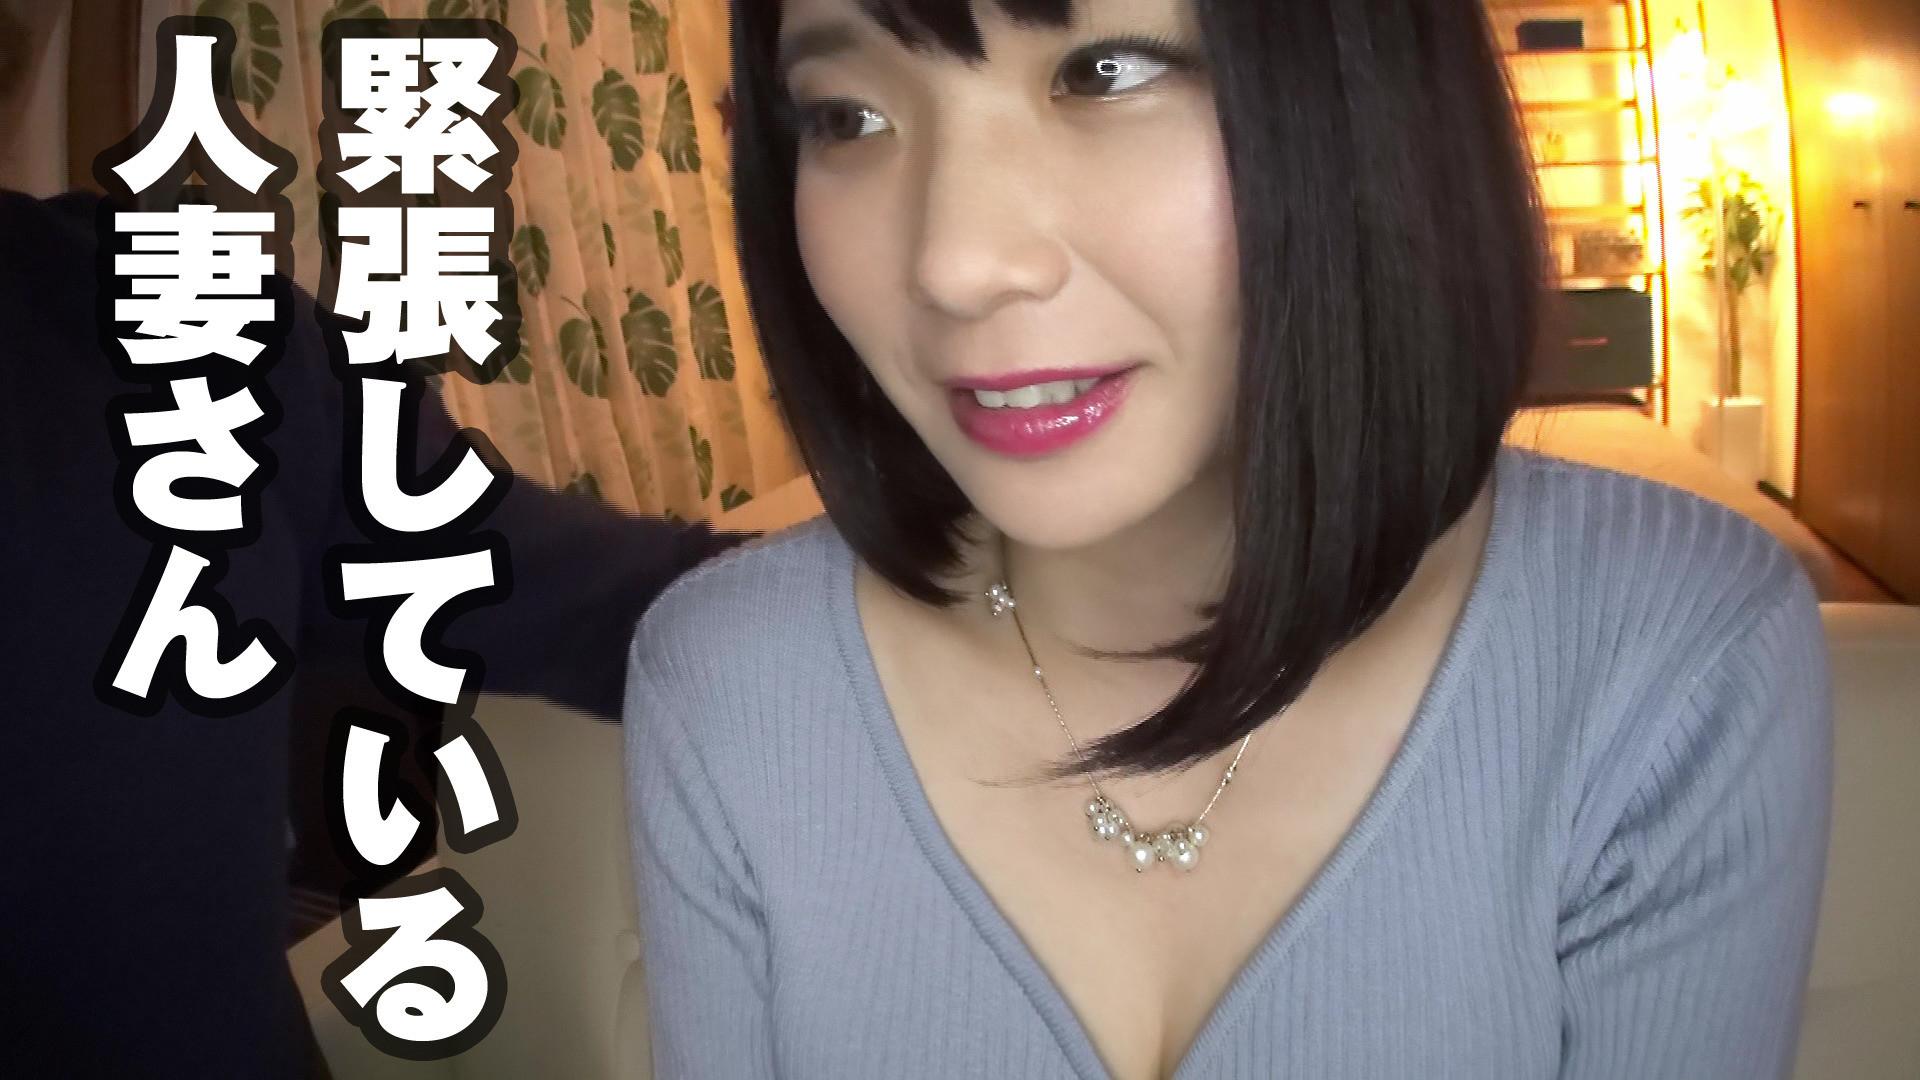 夫の前とは別の顔を見せる人妻 理子さん,のサンプル画像1